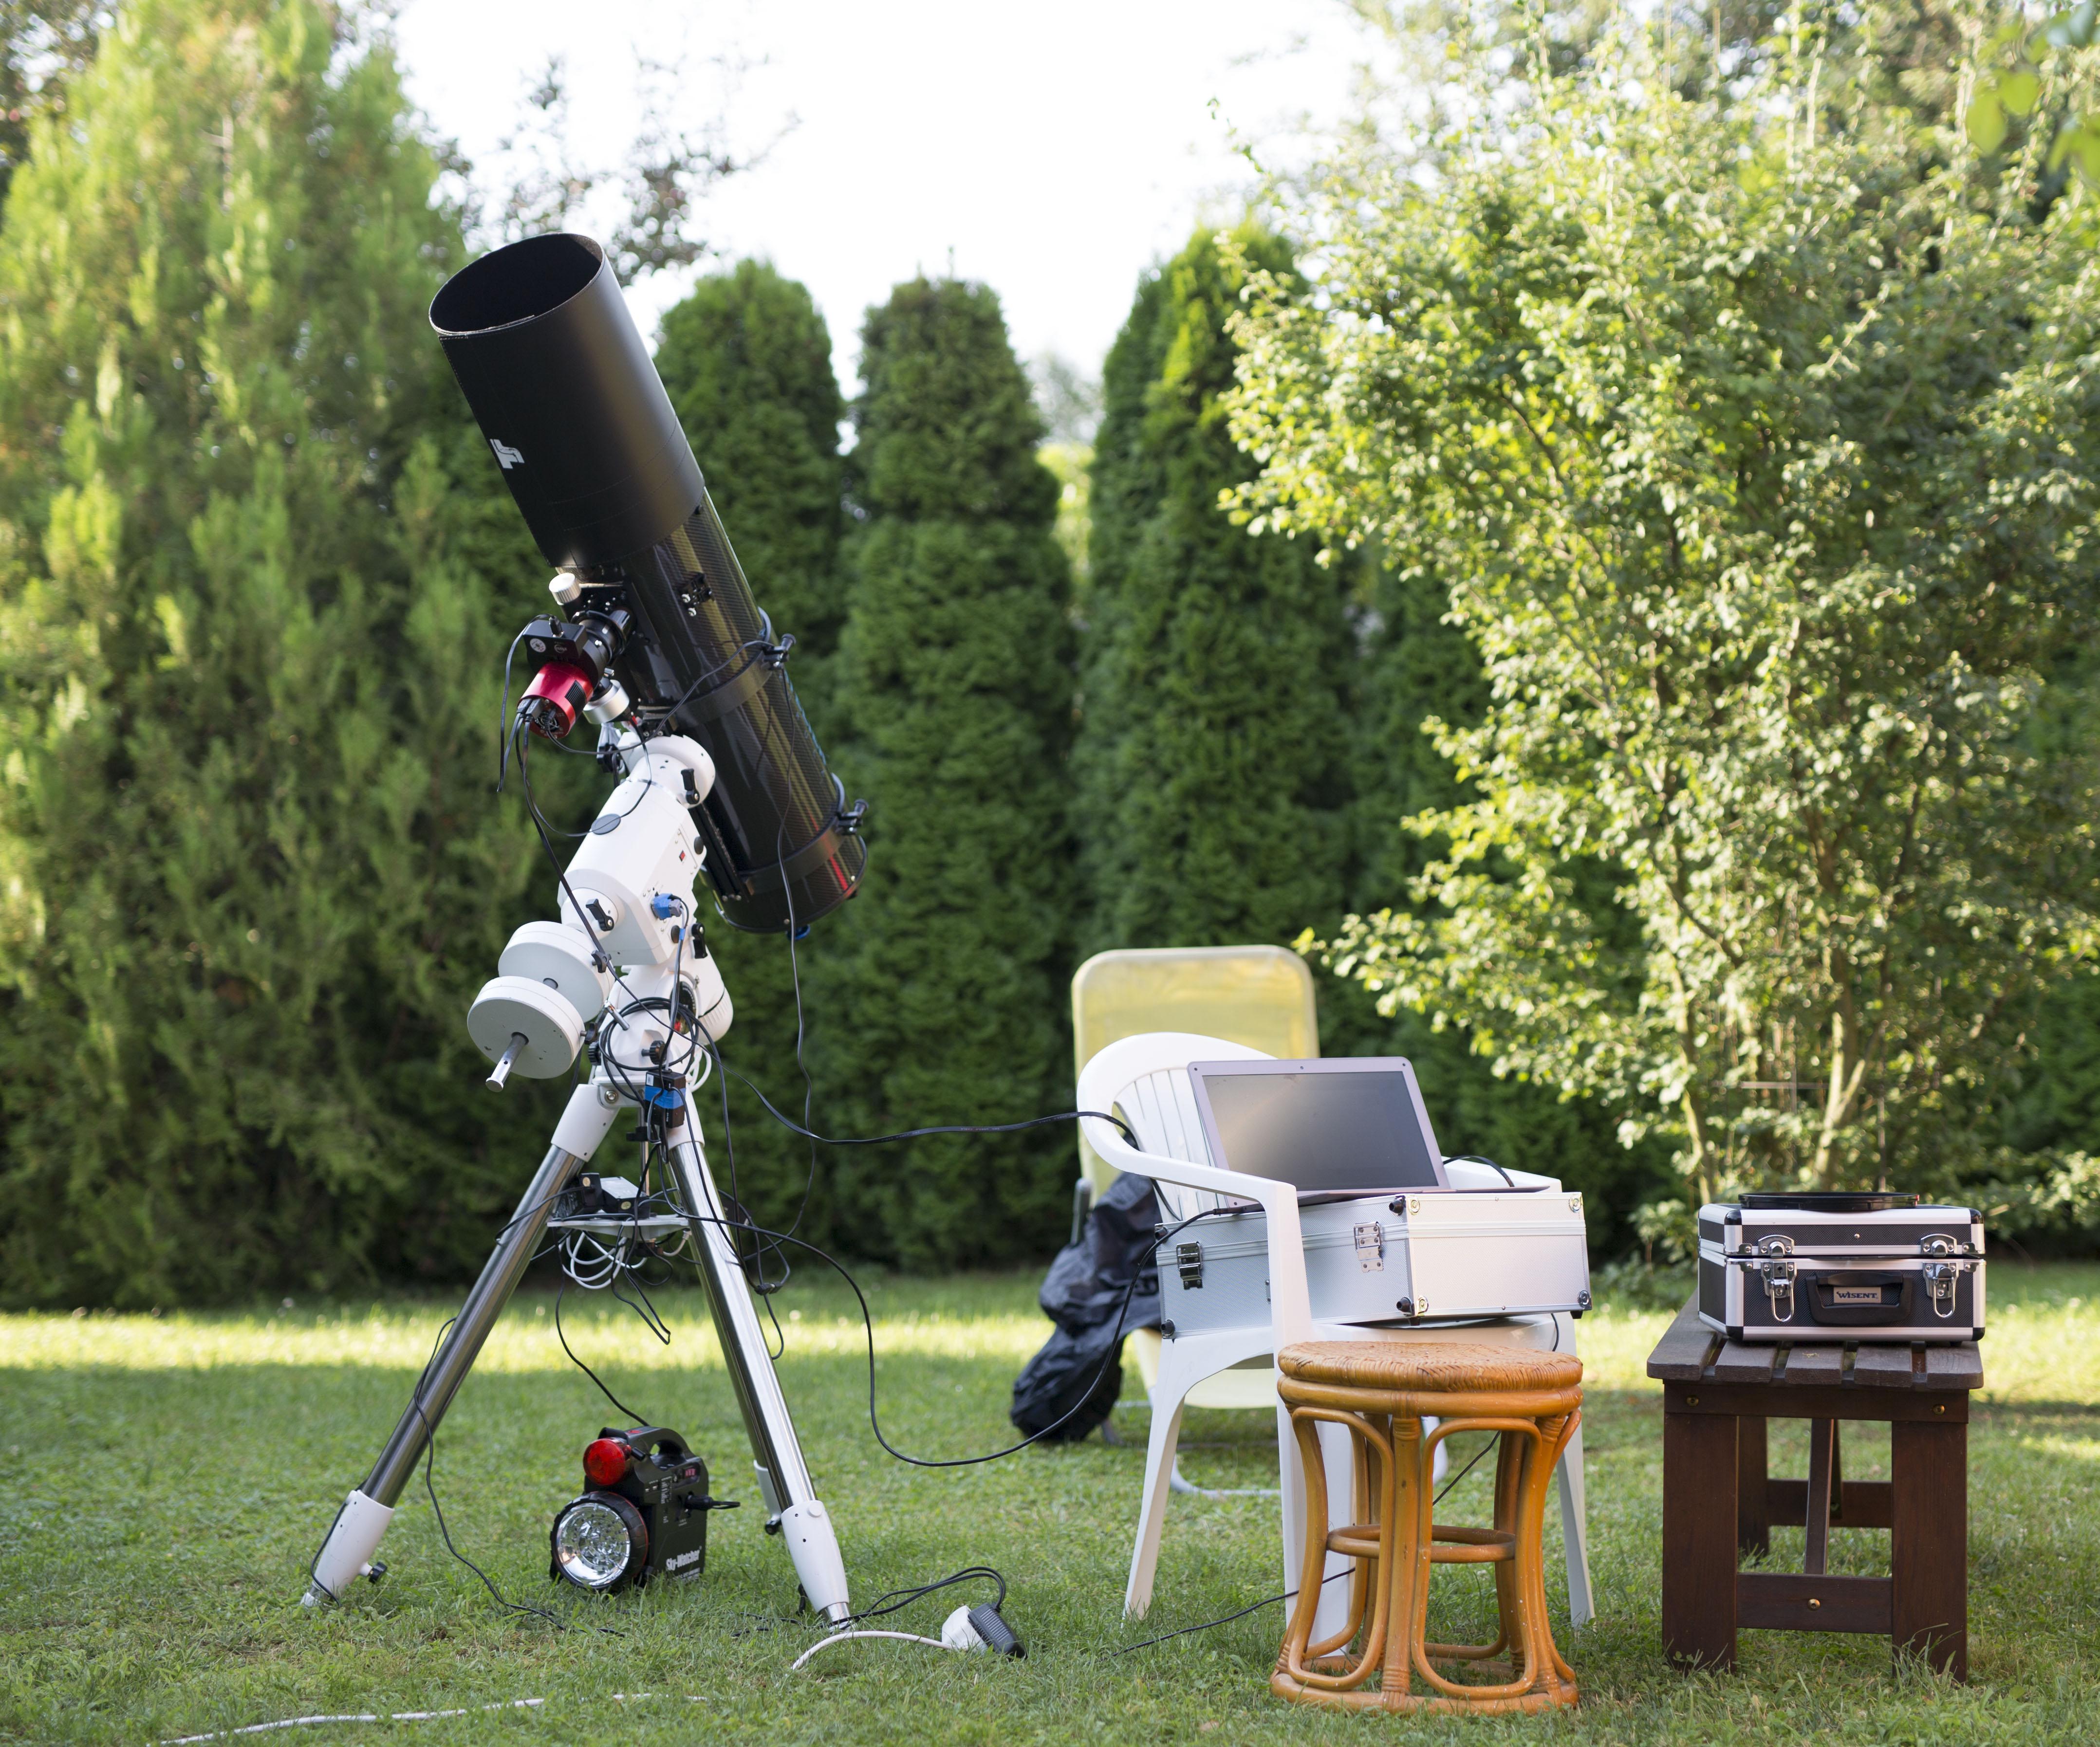 setup in the garden